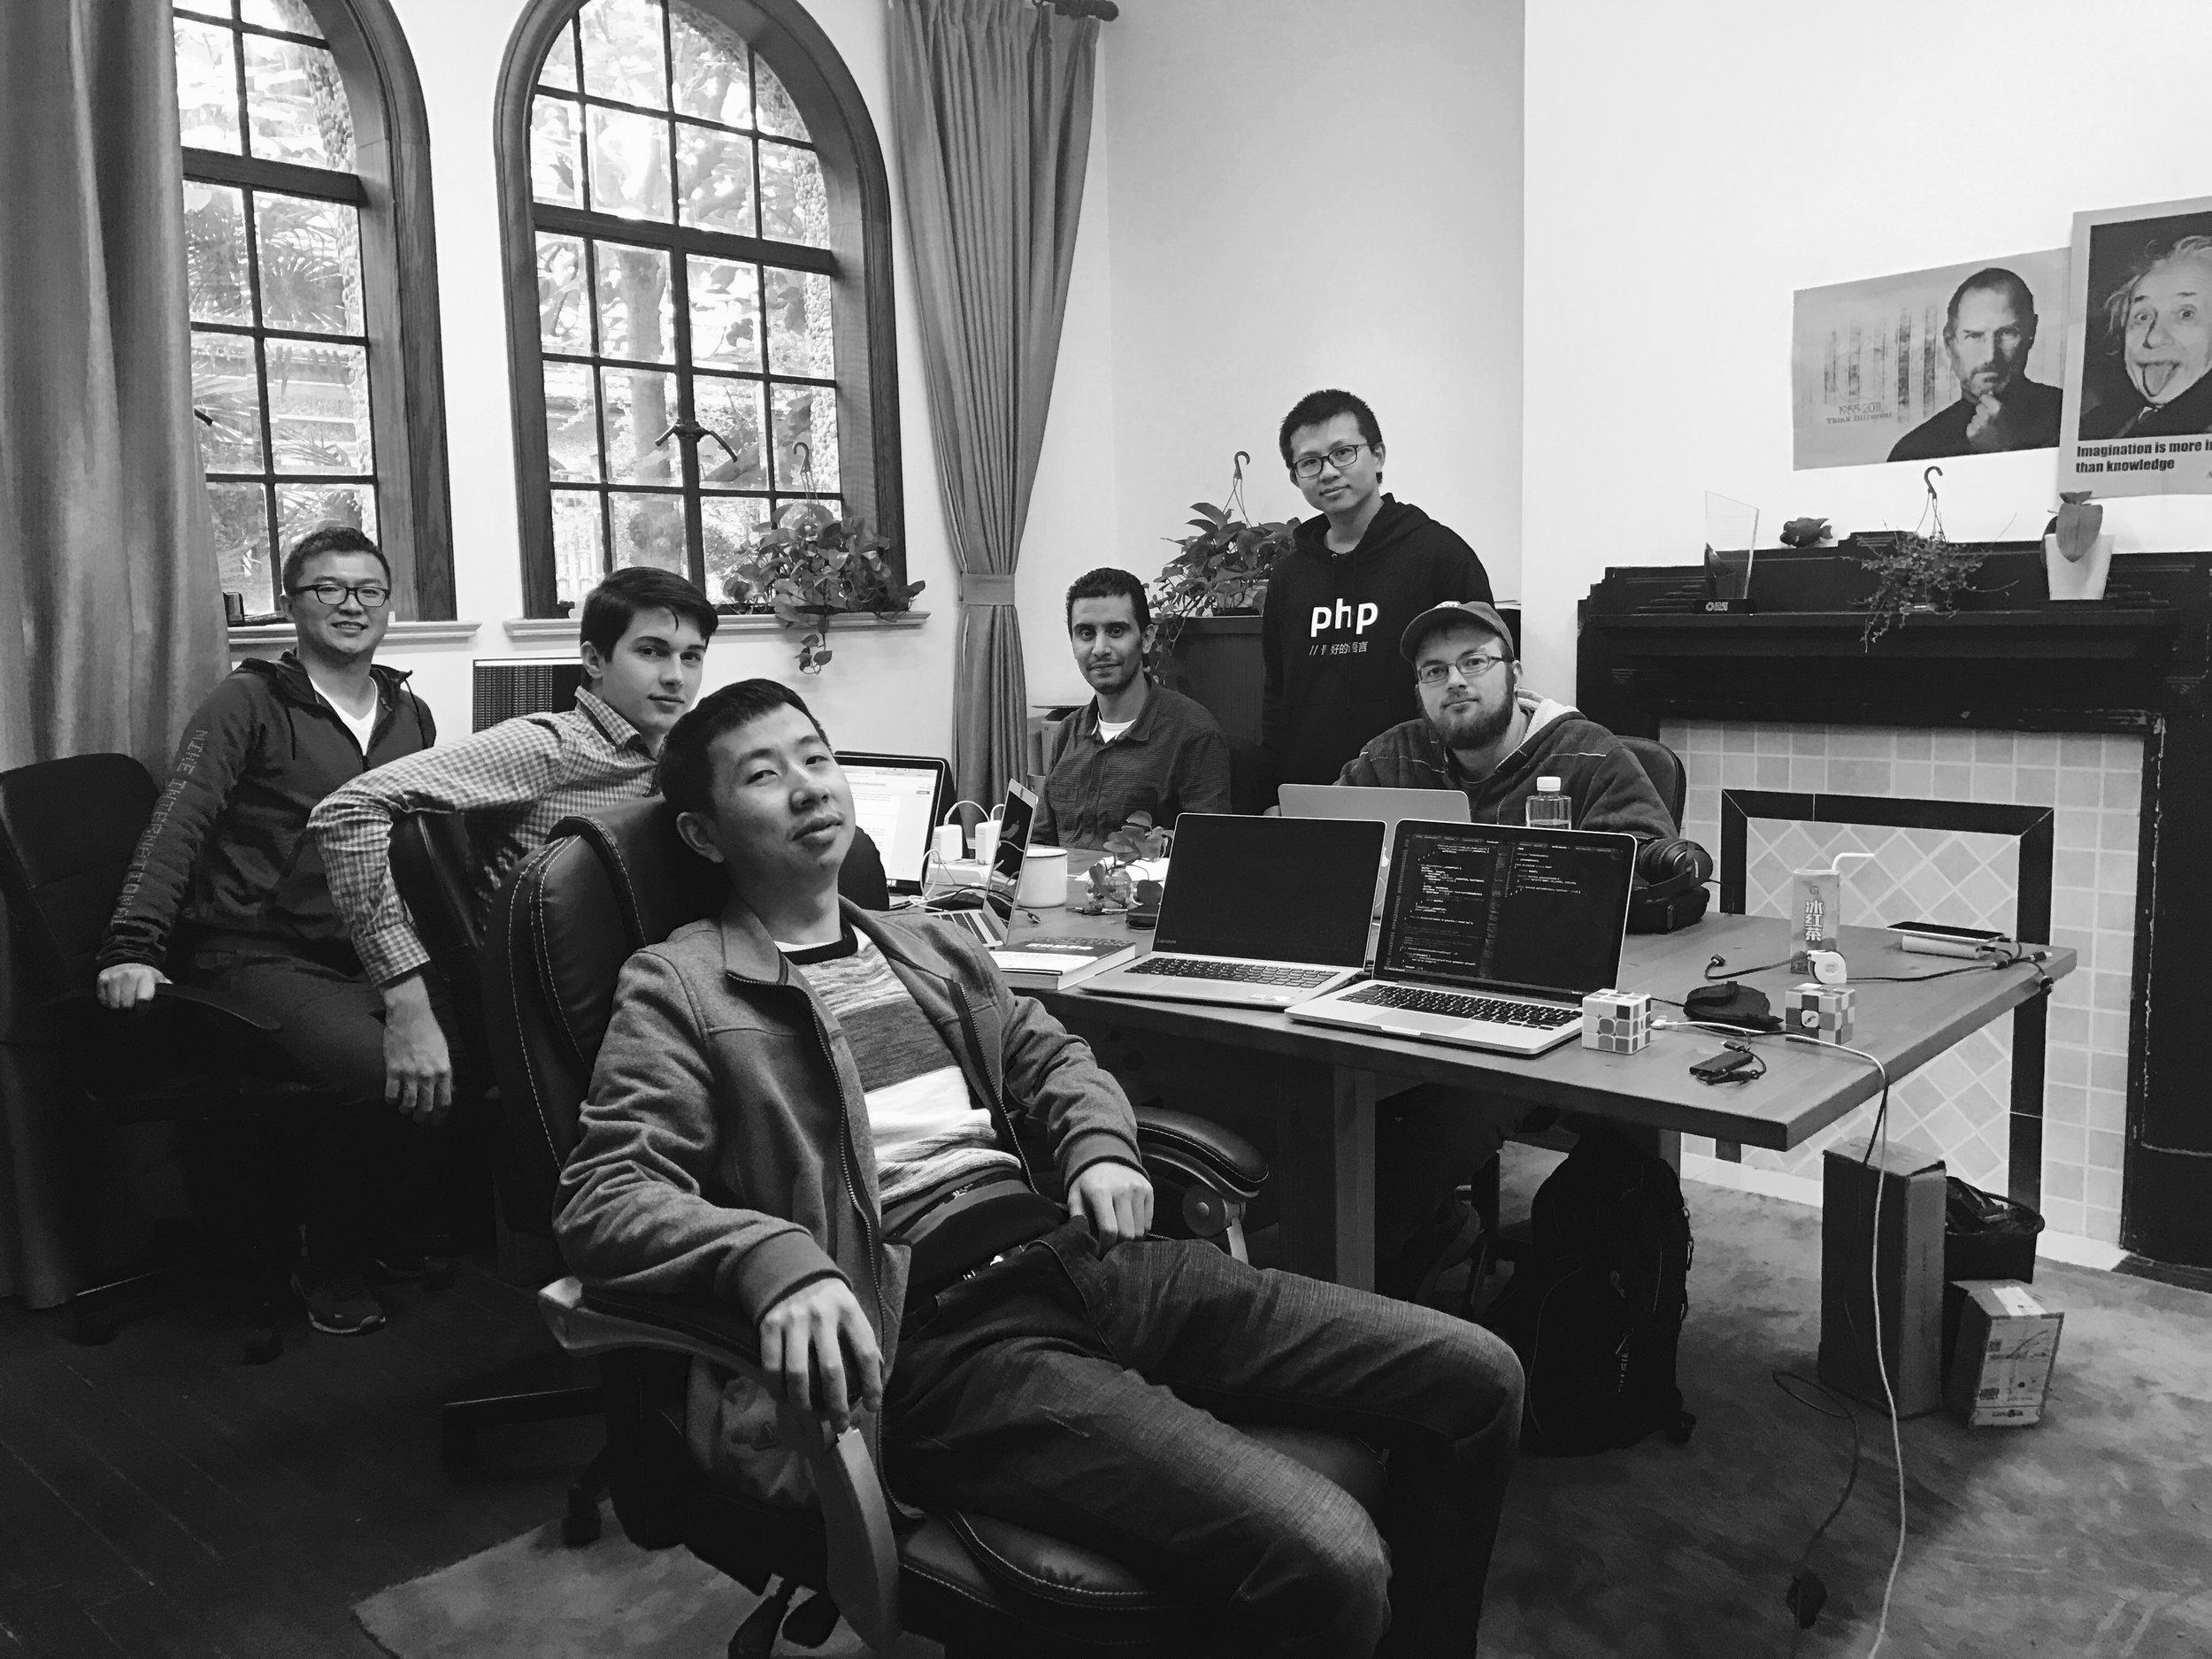 Qtum team members. Photo credit: Qtum.